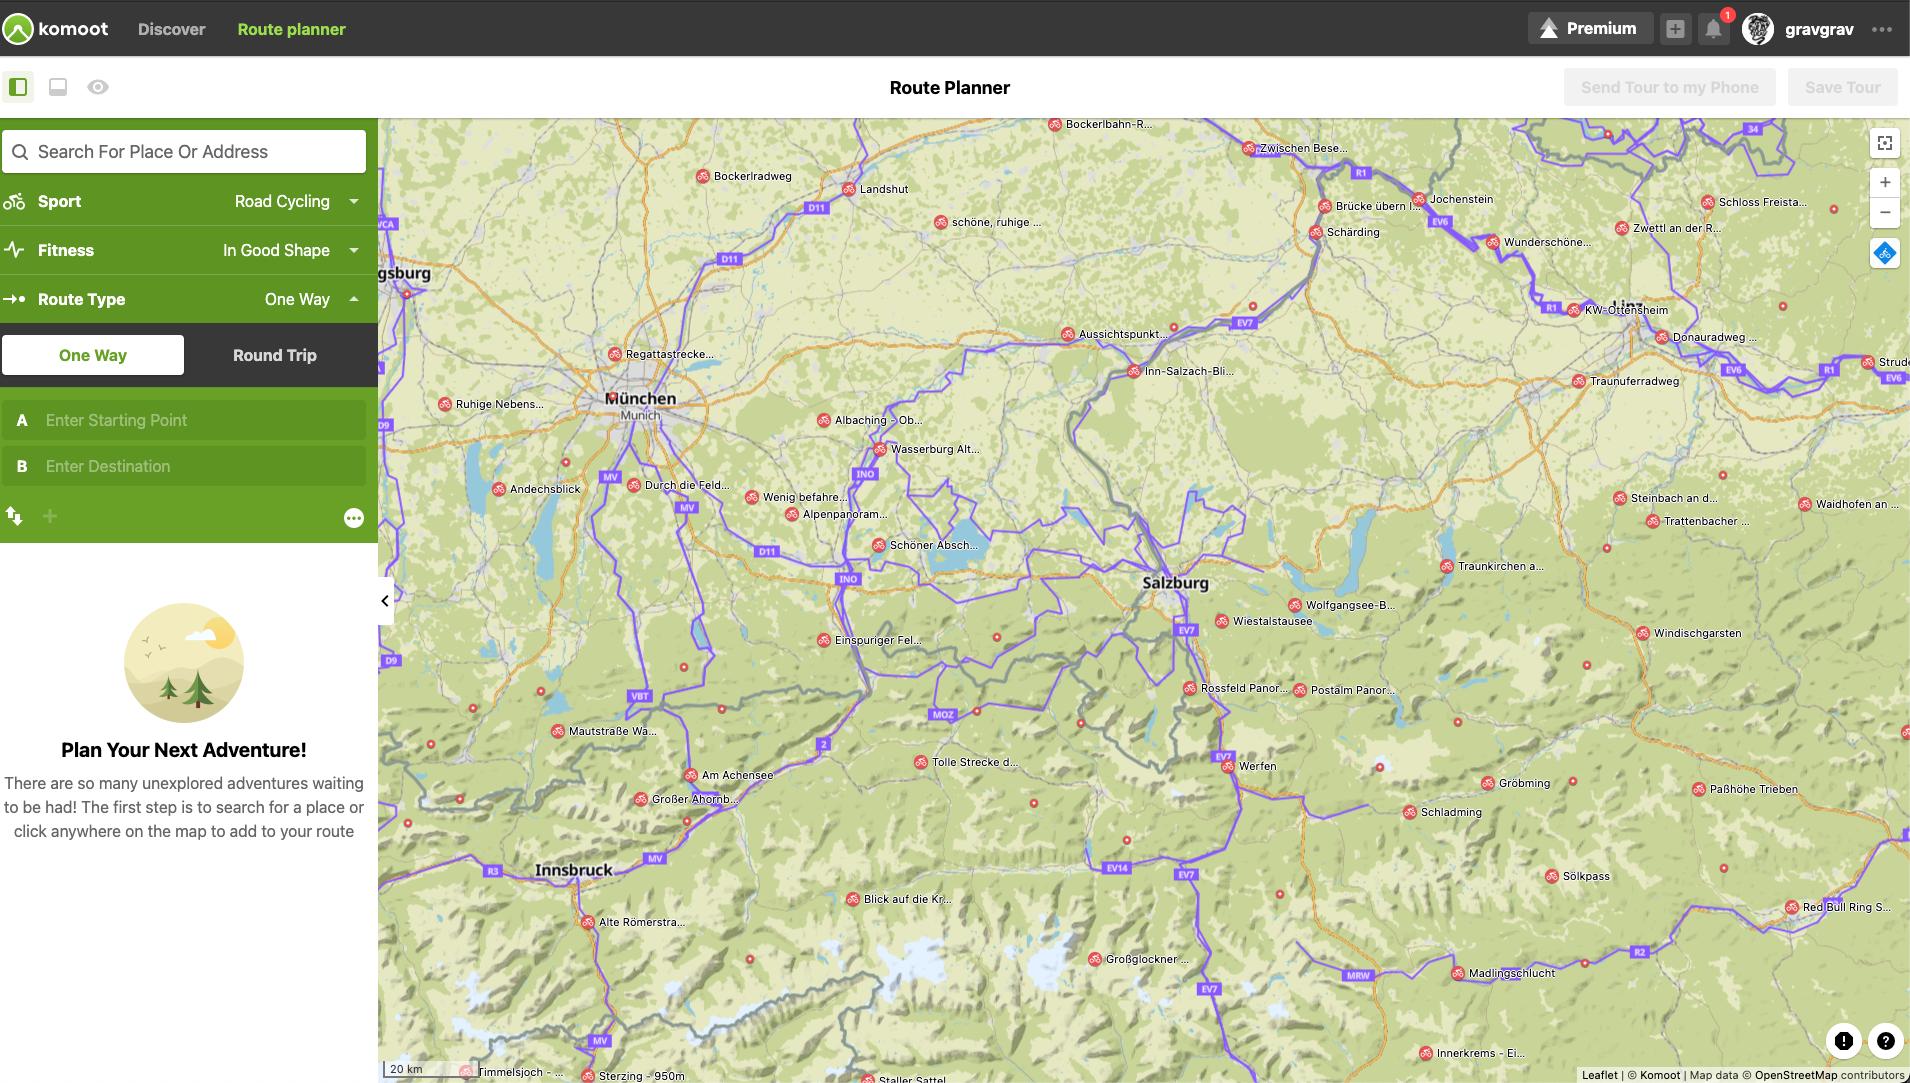 Screenshot 2021-05-13 at 23.42.57.png